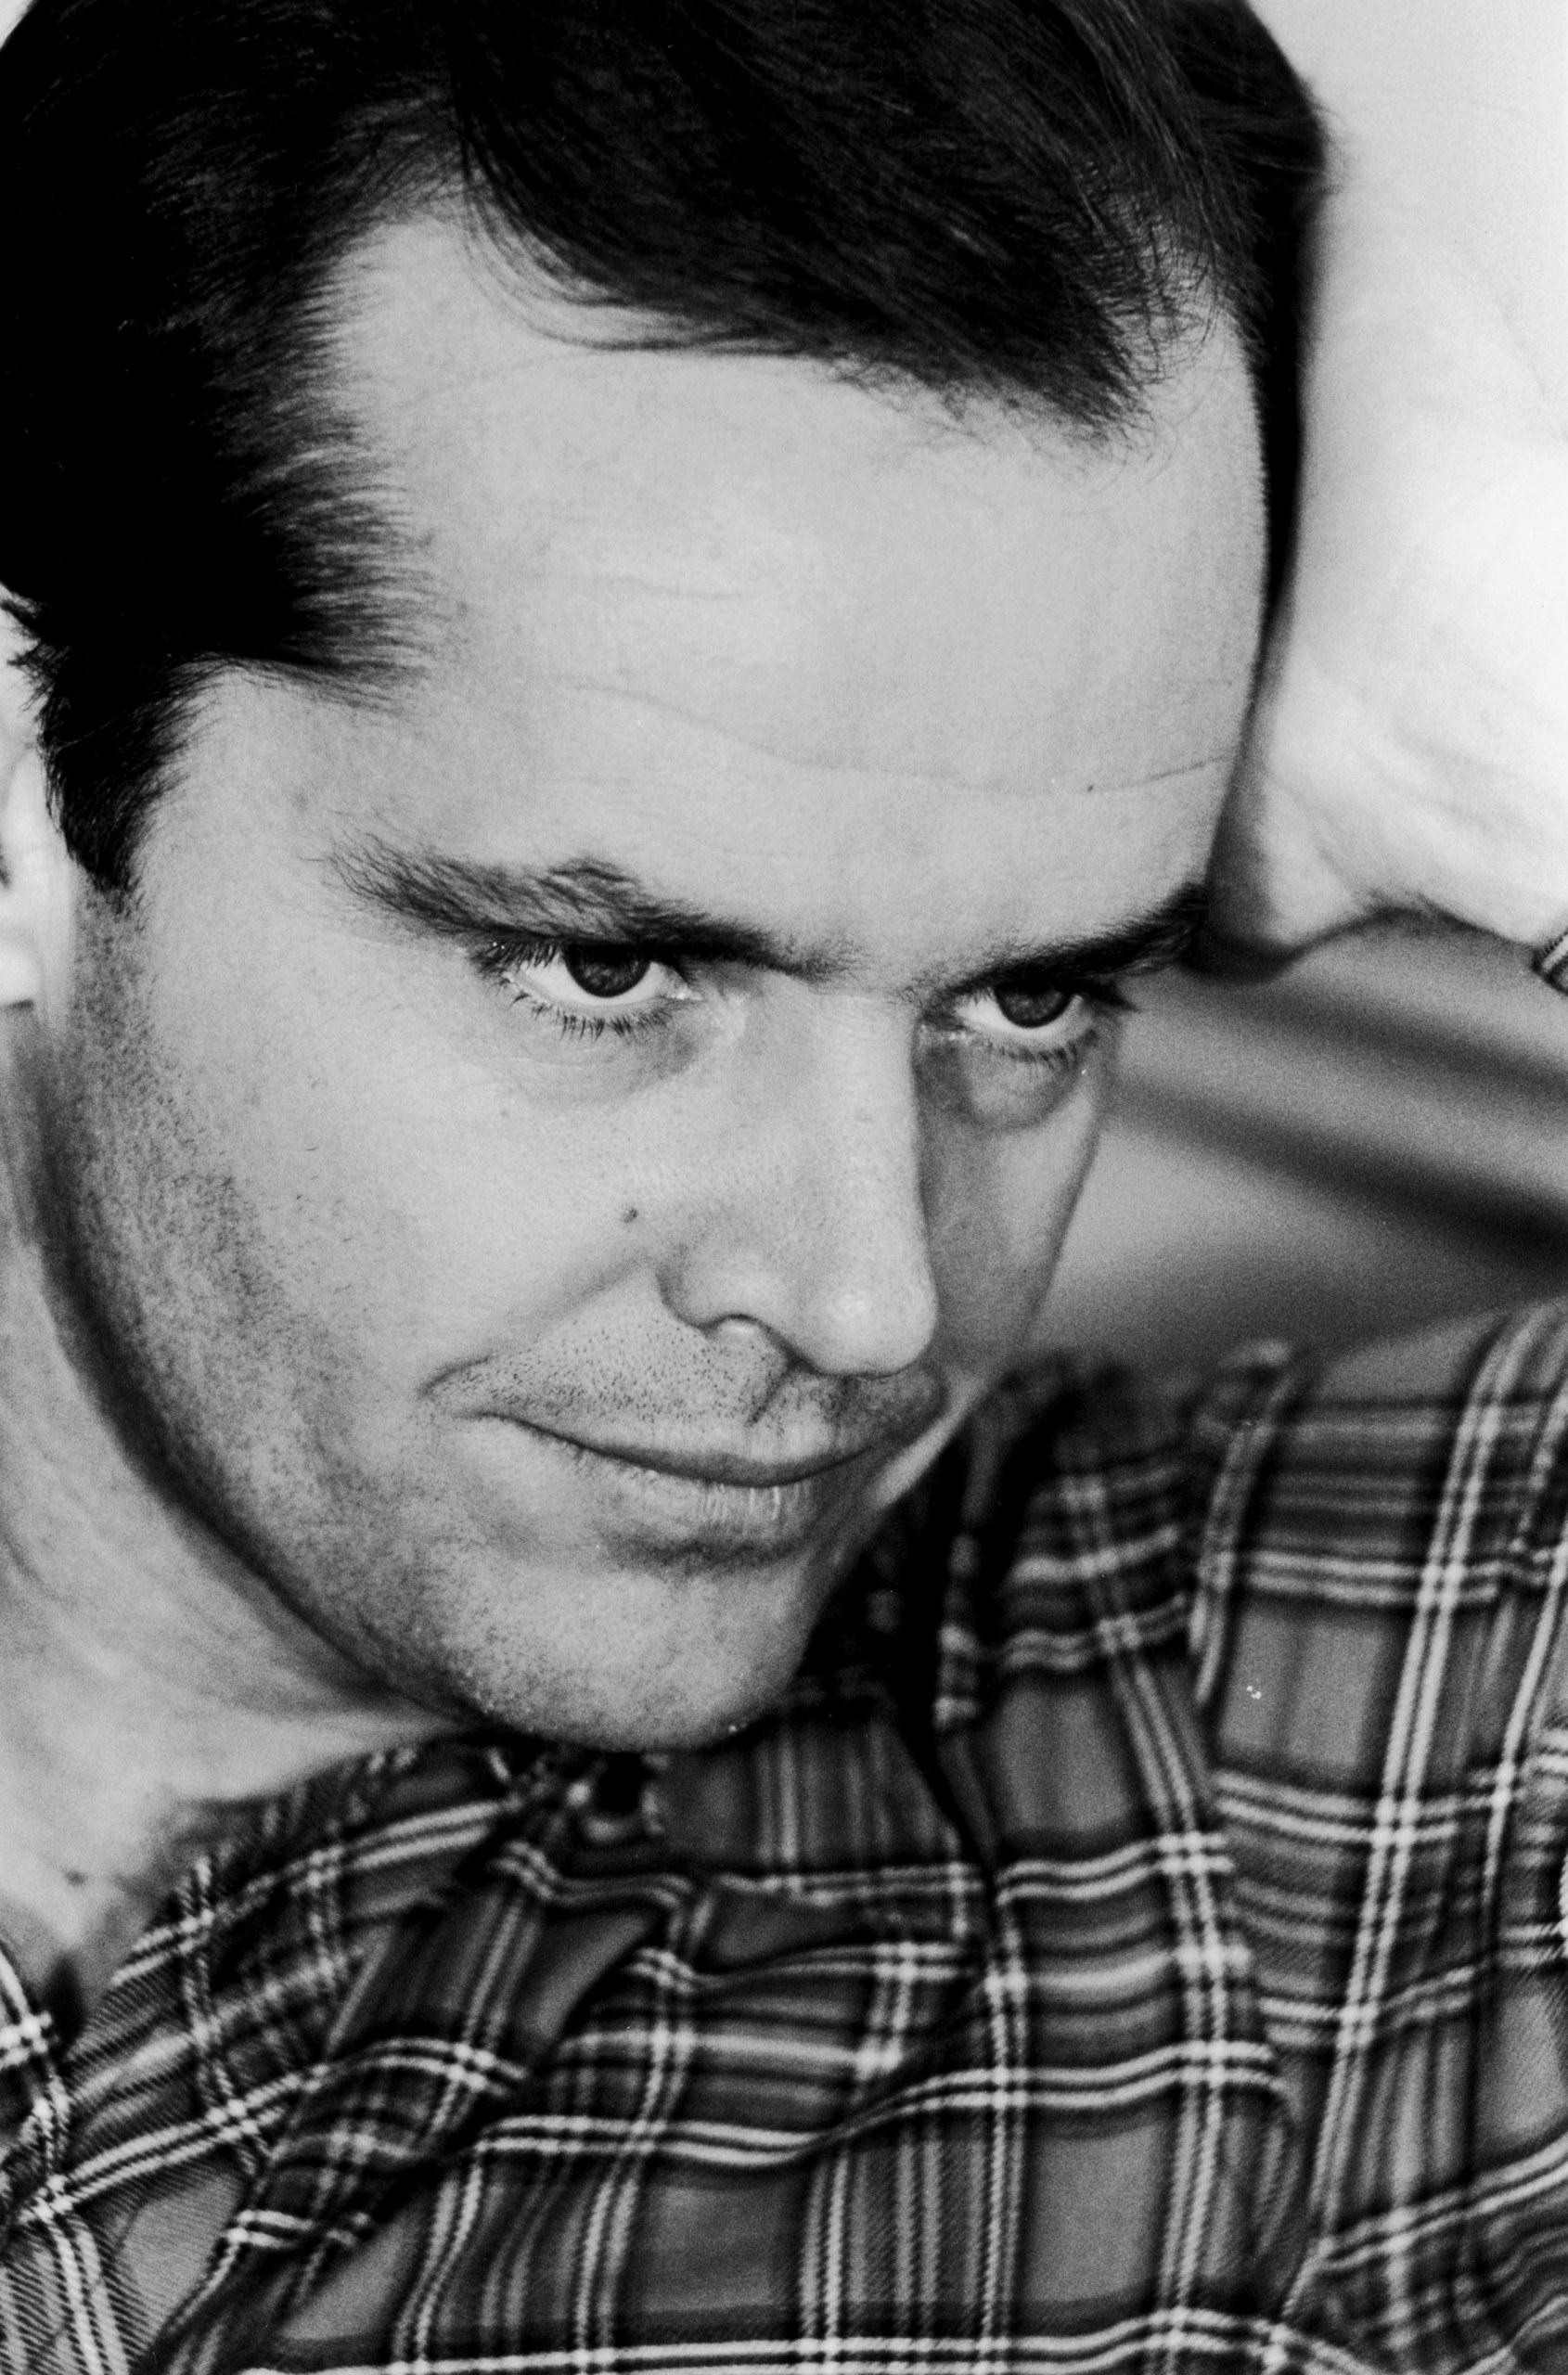 Jack Nicholson Jack Nicholson Photo 20161972 Fanpop